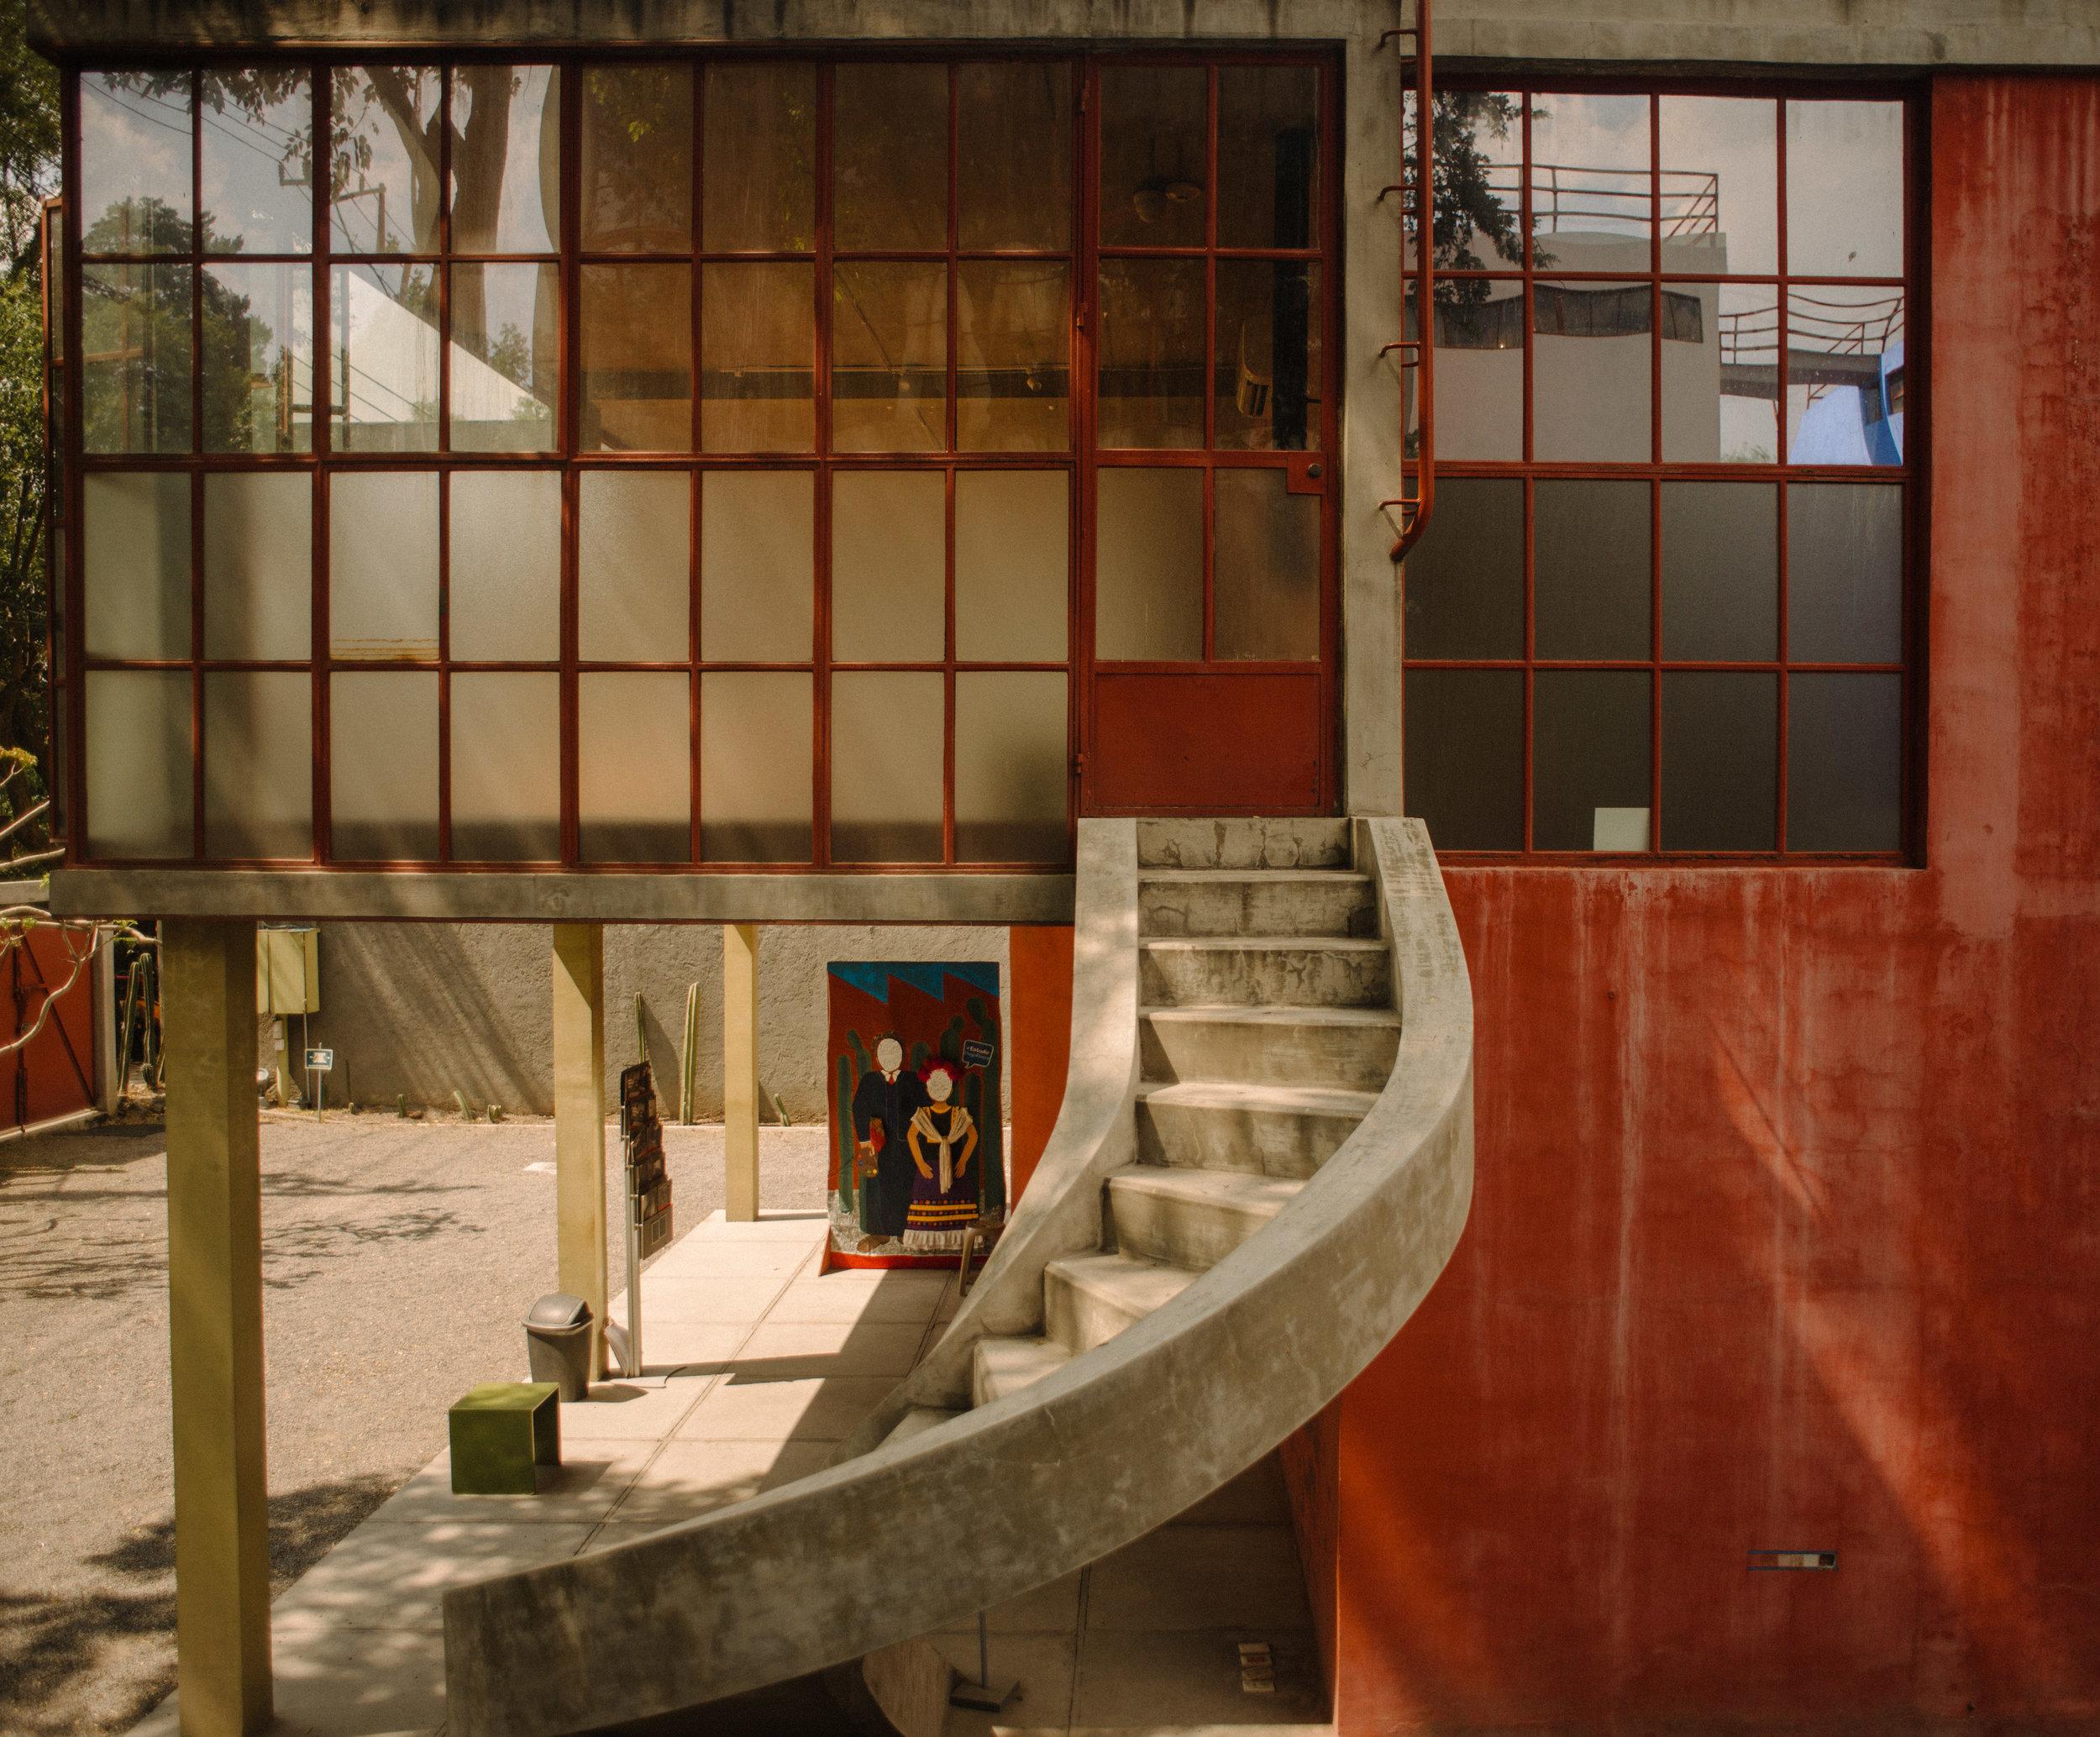 Casa Gilardi | Architecture by Luis Barragán (3).jpg